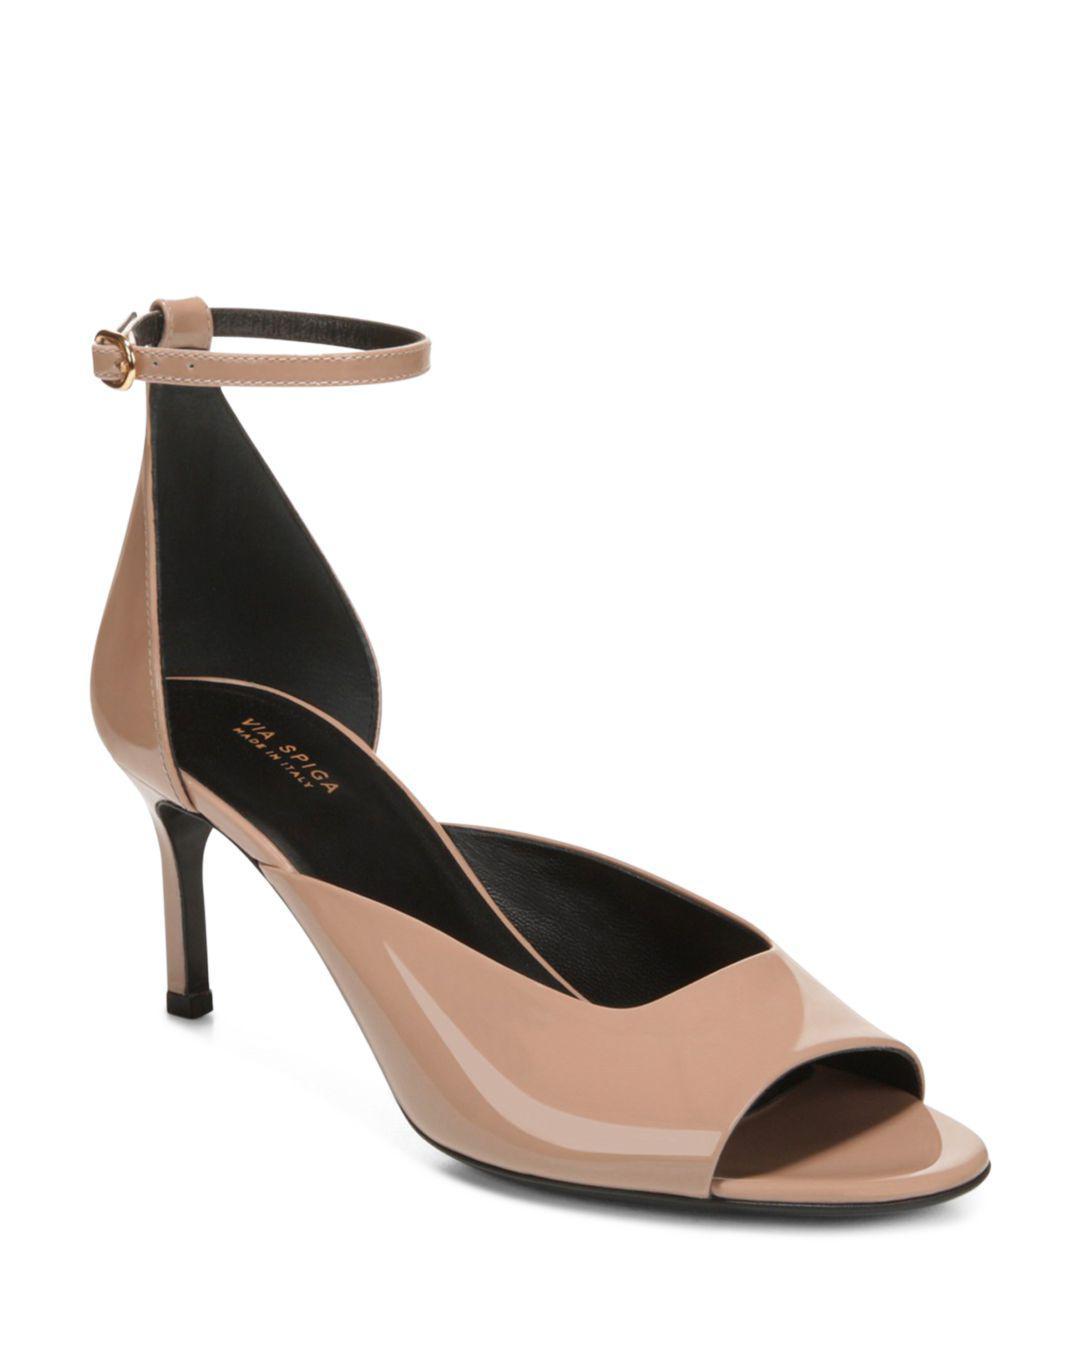 52a6ad121f6a Via Spiga Women s Jennie Patent Leather Mid-heel Sandals - Lyst